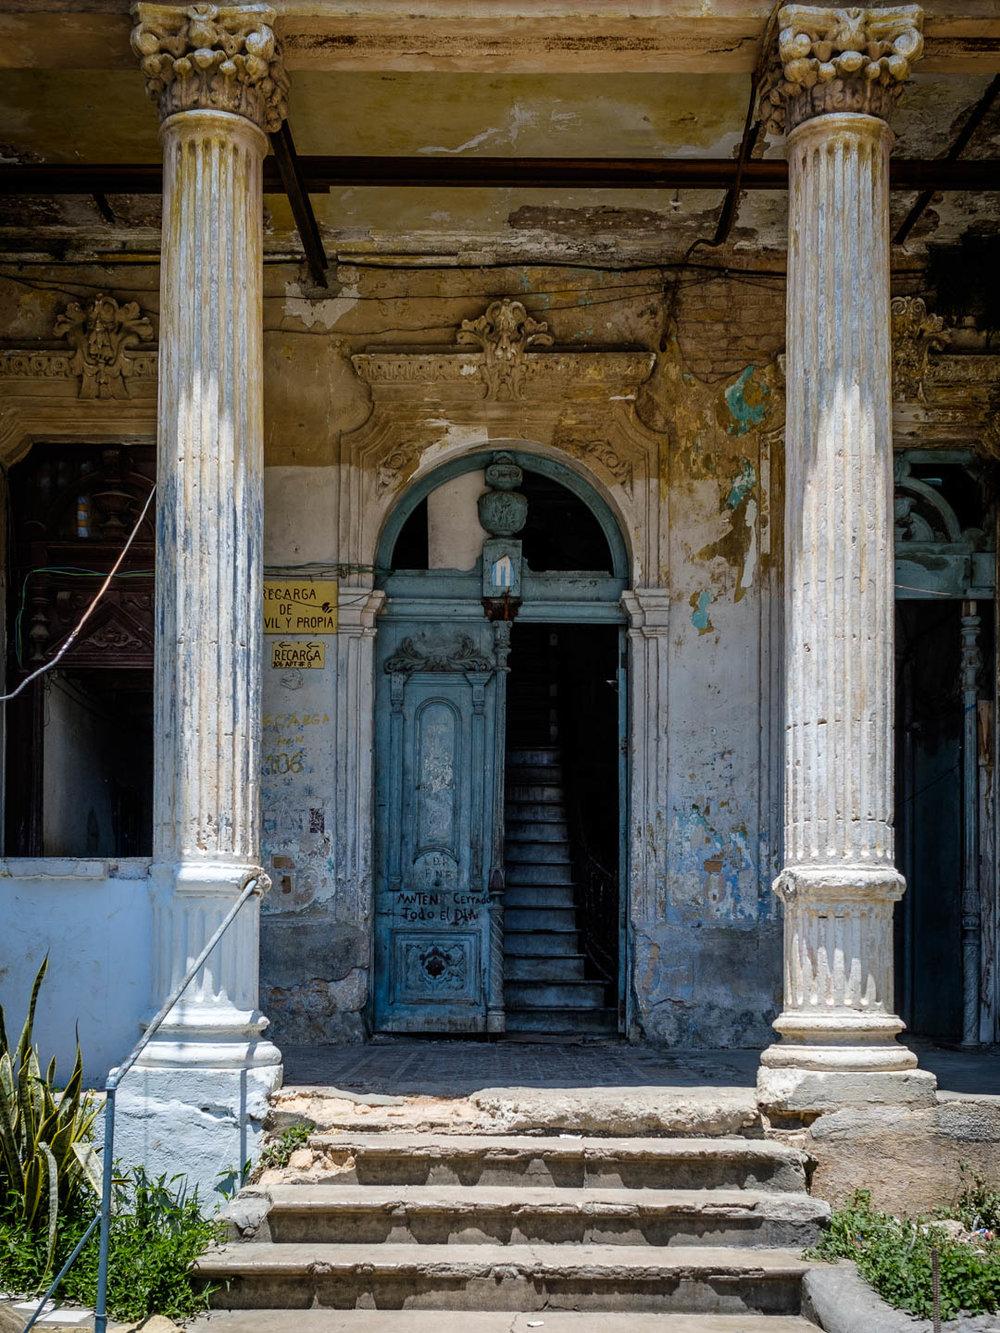 180501-Havana-210-1080.jpg